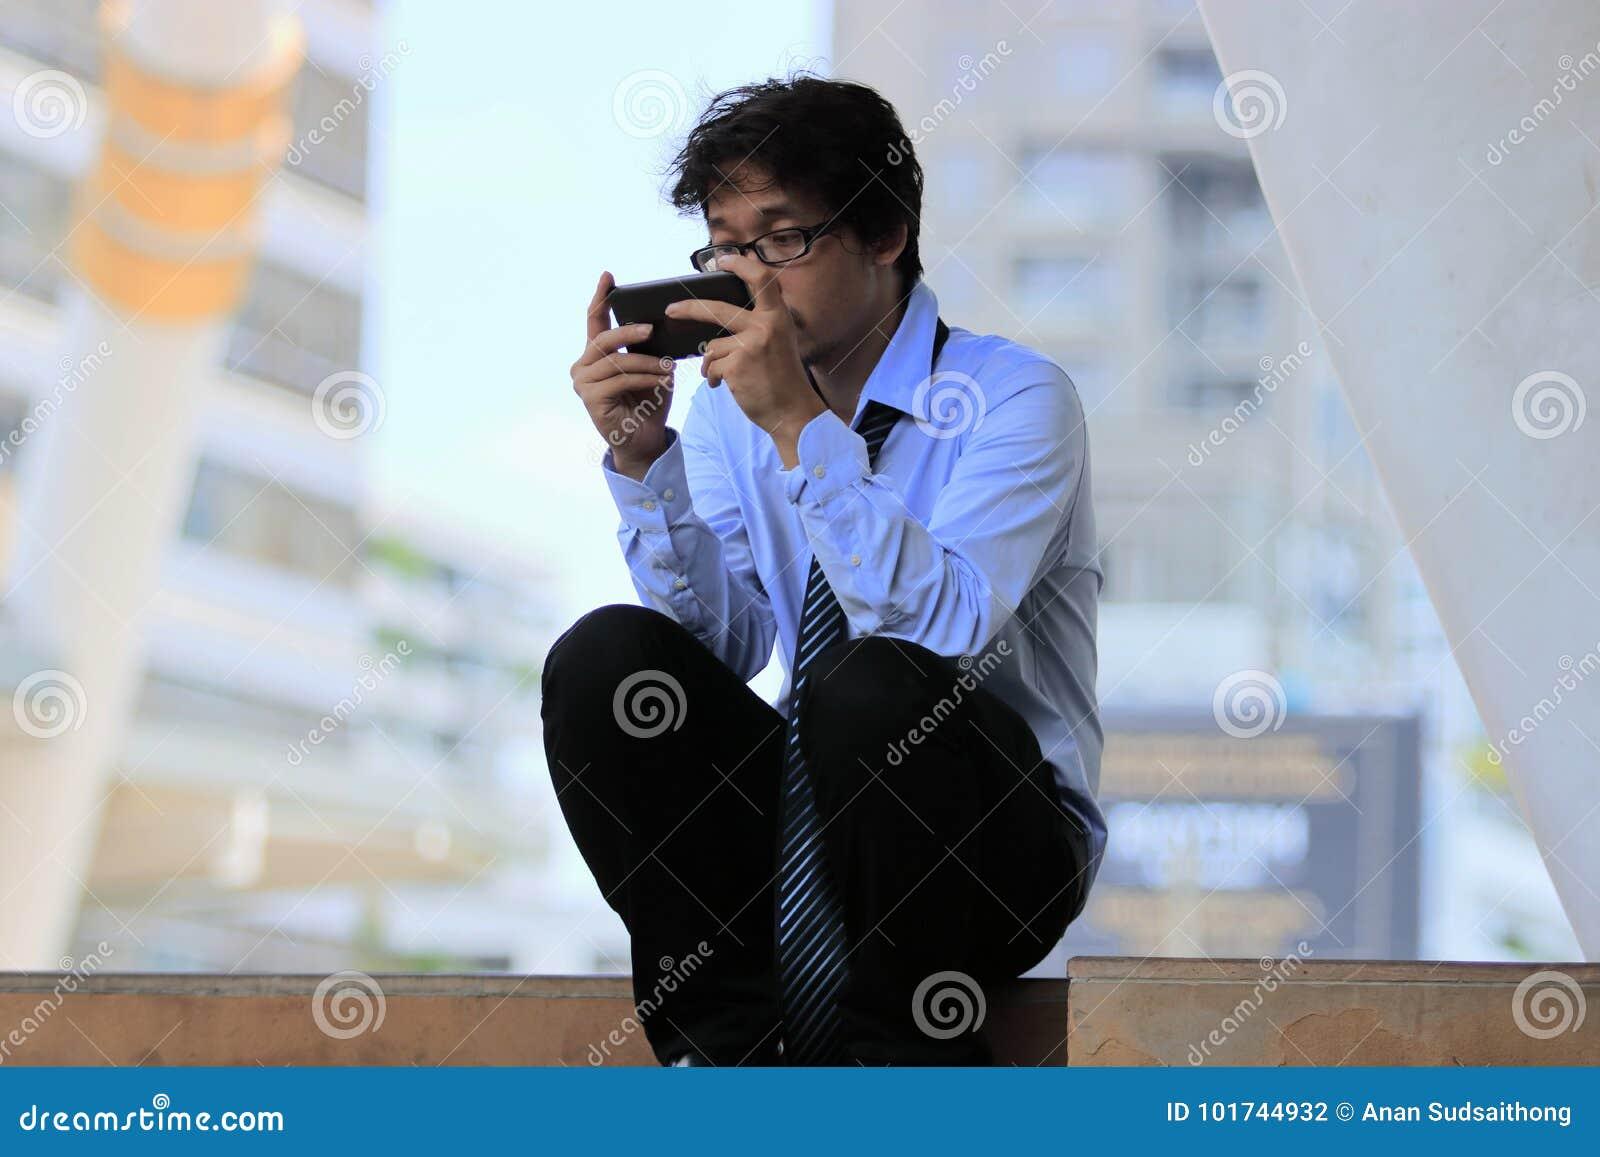 El hombre de negocios asiático joven parado usando el teléfono elegante móvil encuentra un trabajo Concepto deprimido del negocio